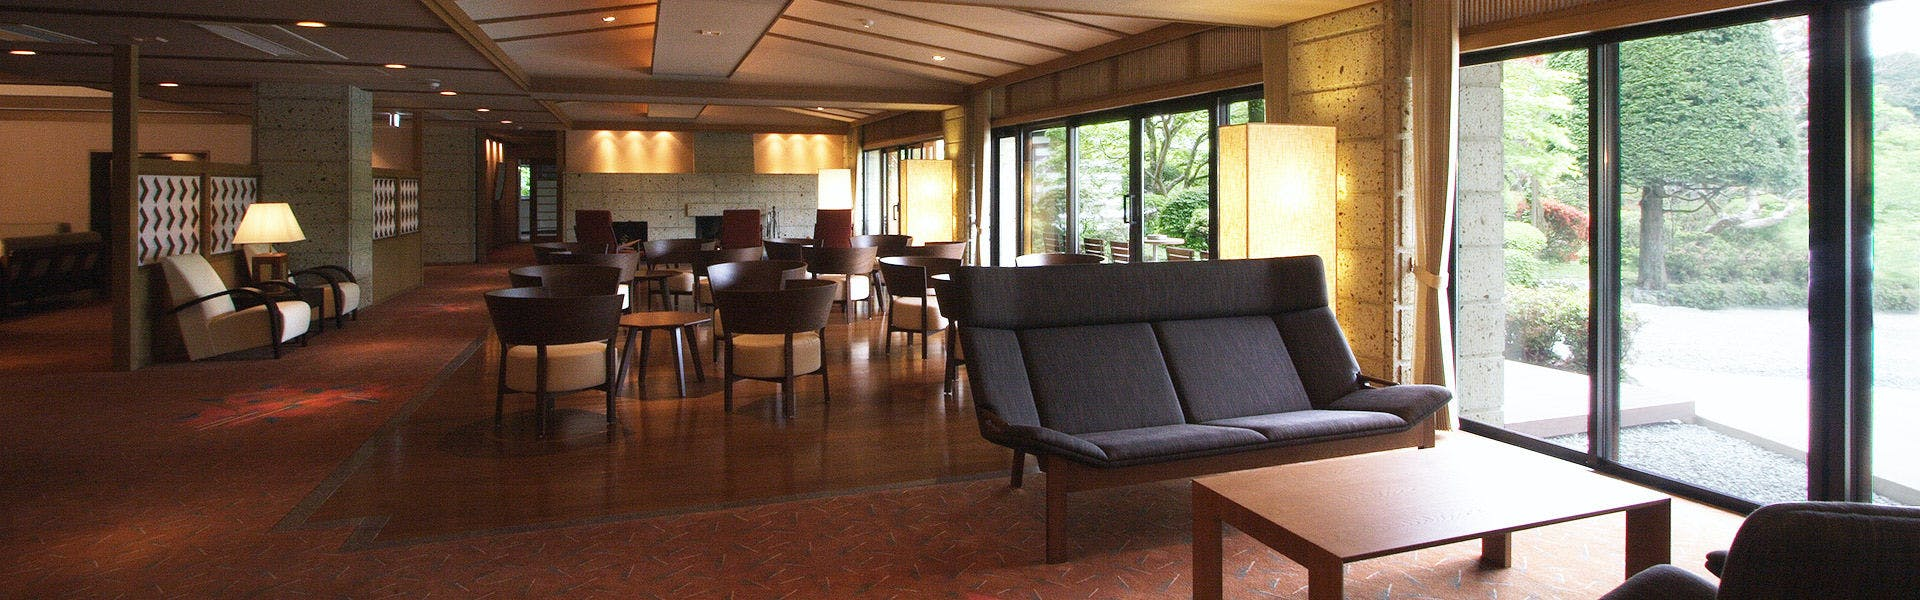 記念日におすすめのホテル・【仙郷楼】の写真1